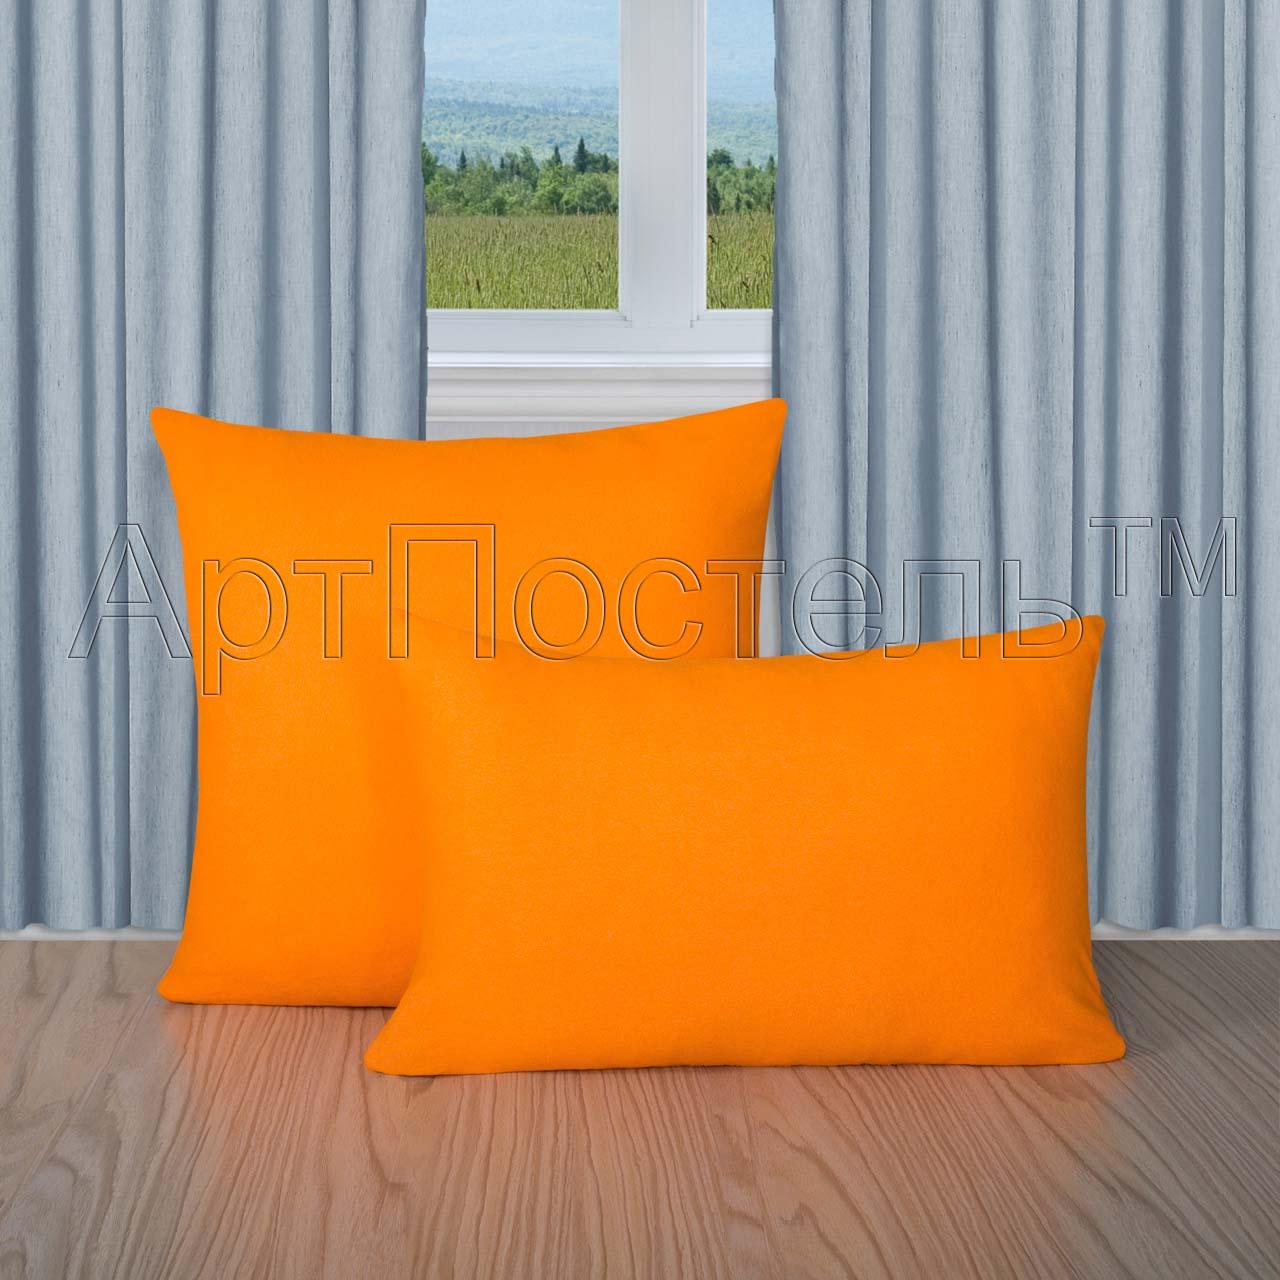 Наволочки Апельсин р. 70х70Наволочки<br>Плотность:160 г/кв. м<br><br>Тип: Наволочки<br>Размер: 70х70<br>Материал: Махра